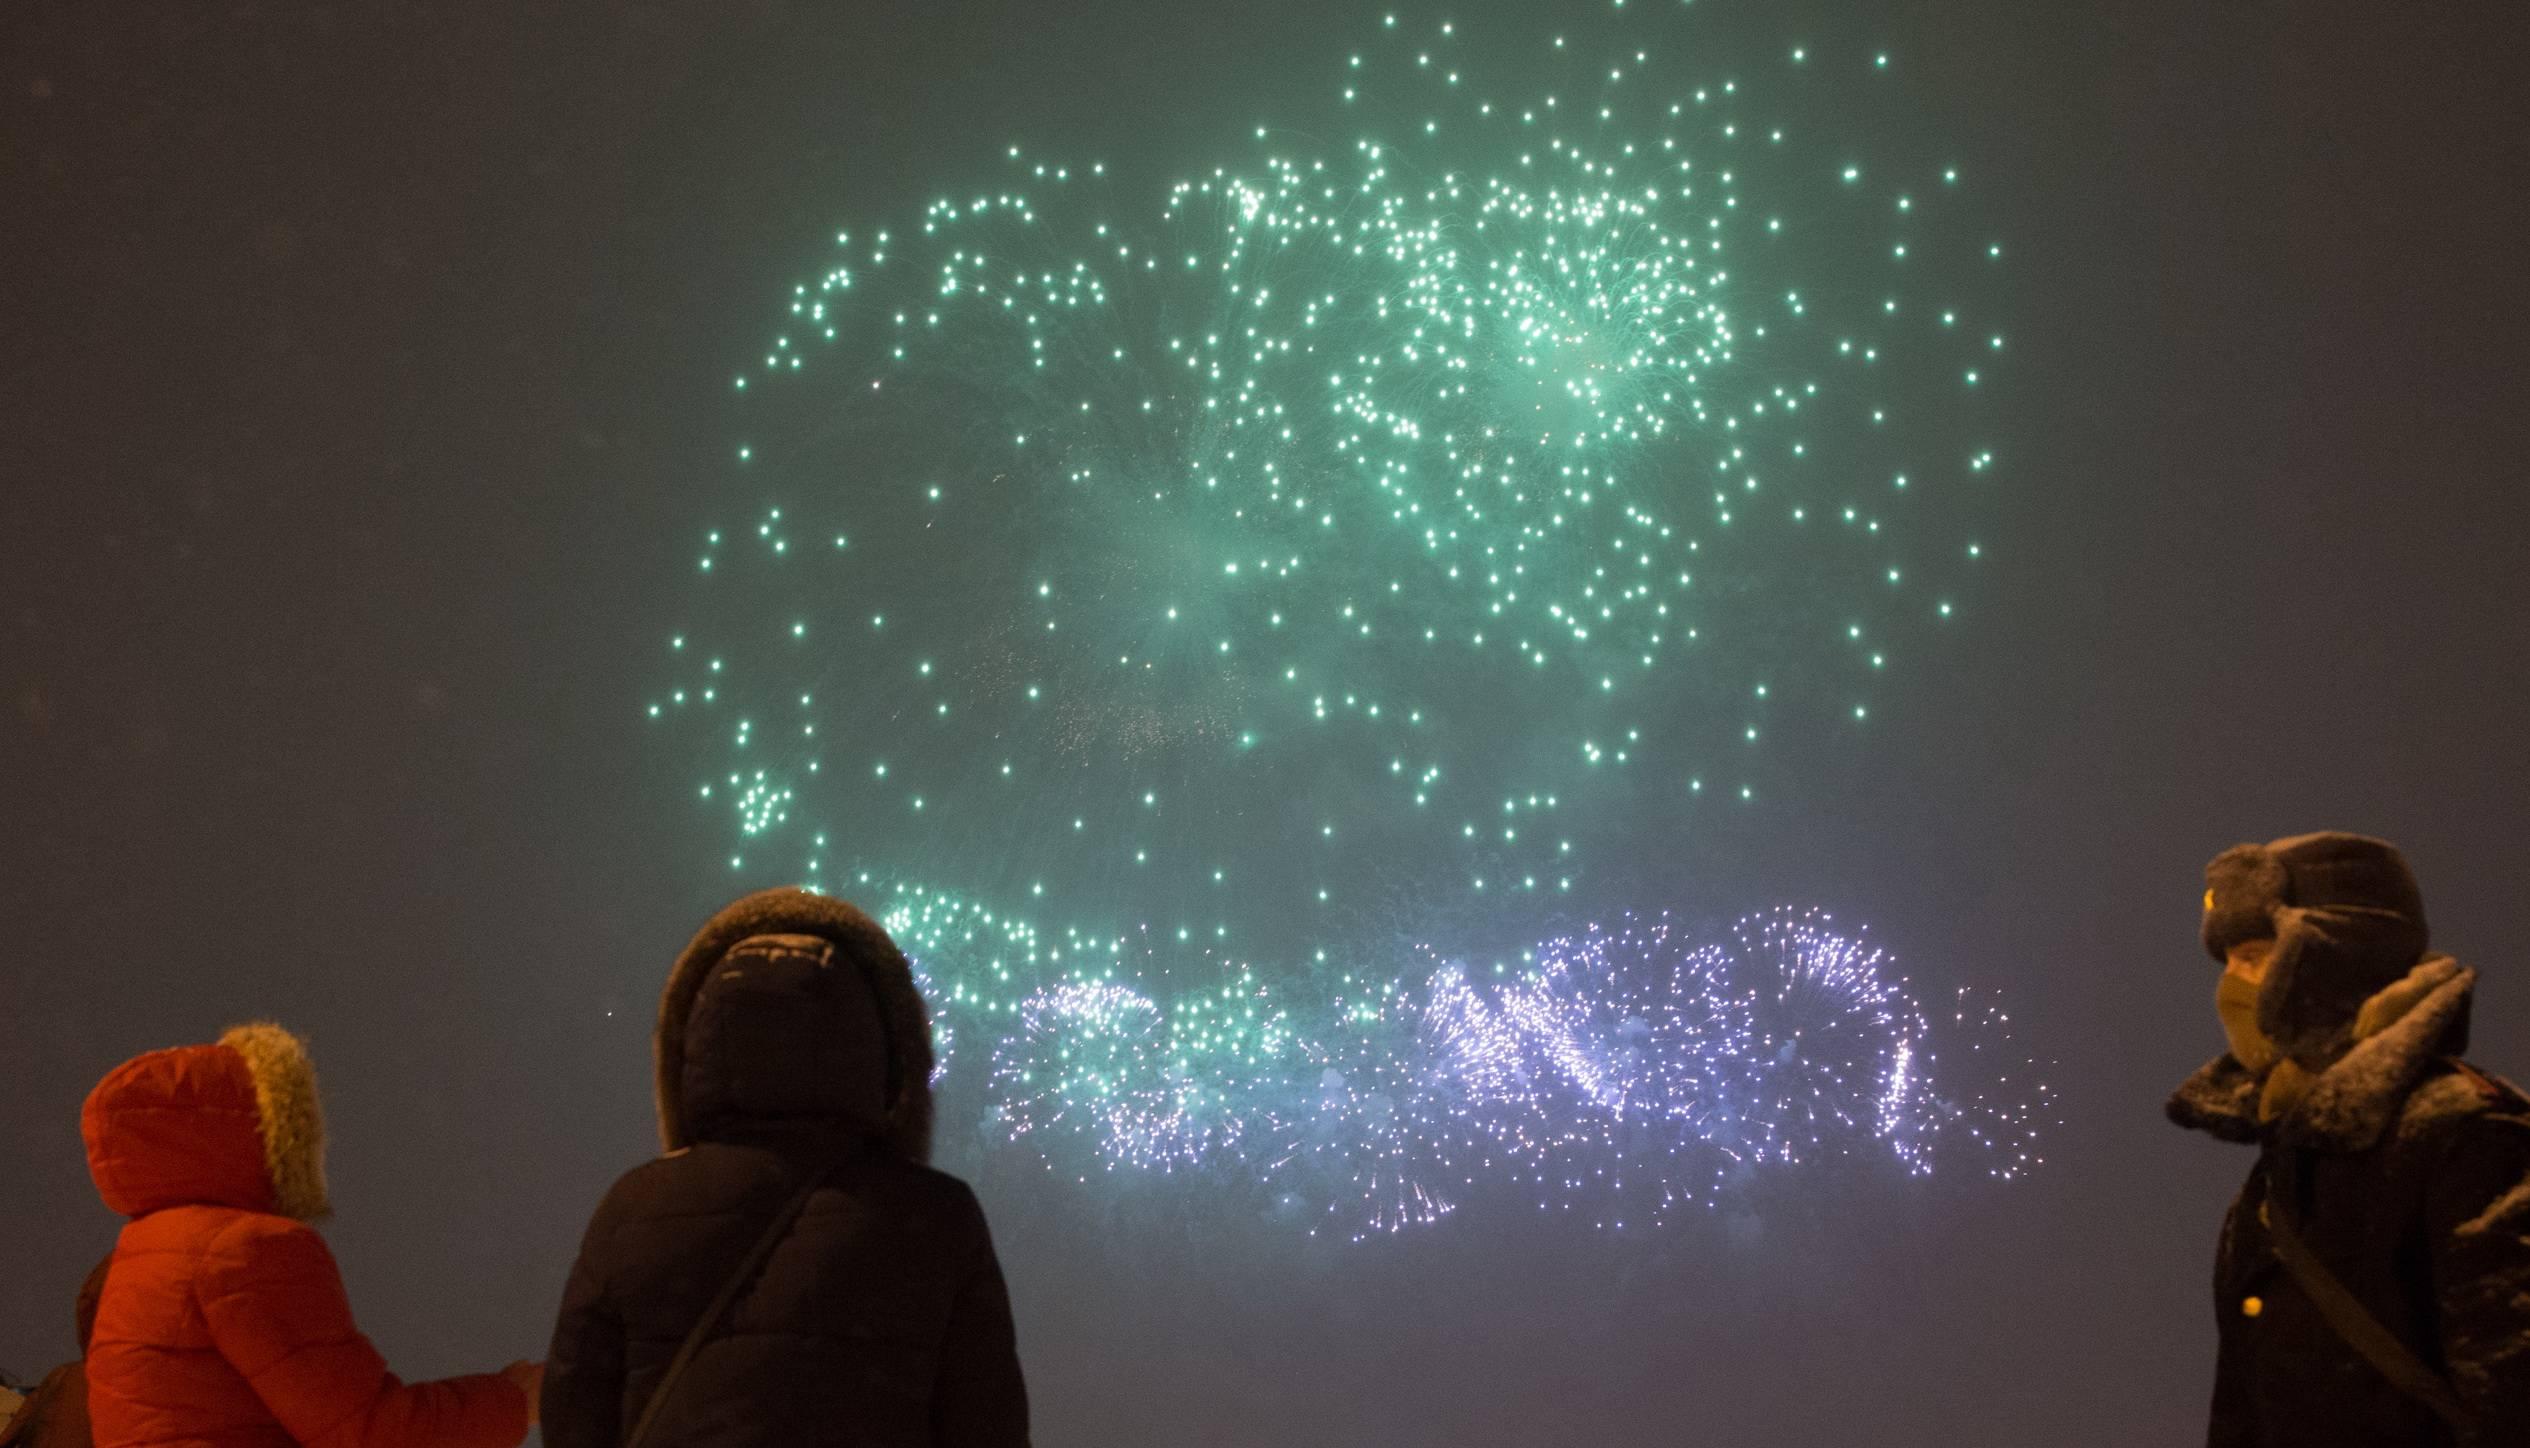 圣彼得堡:燃放烟花庆祝祖国保卫者日